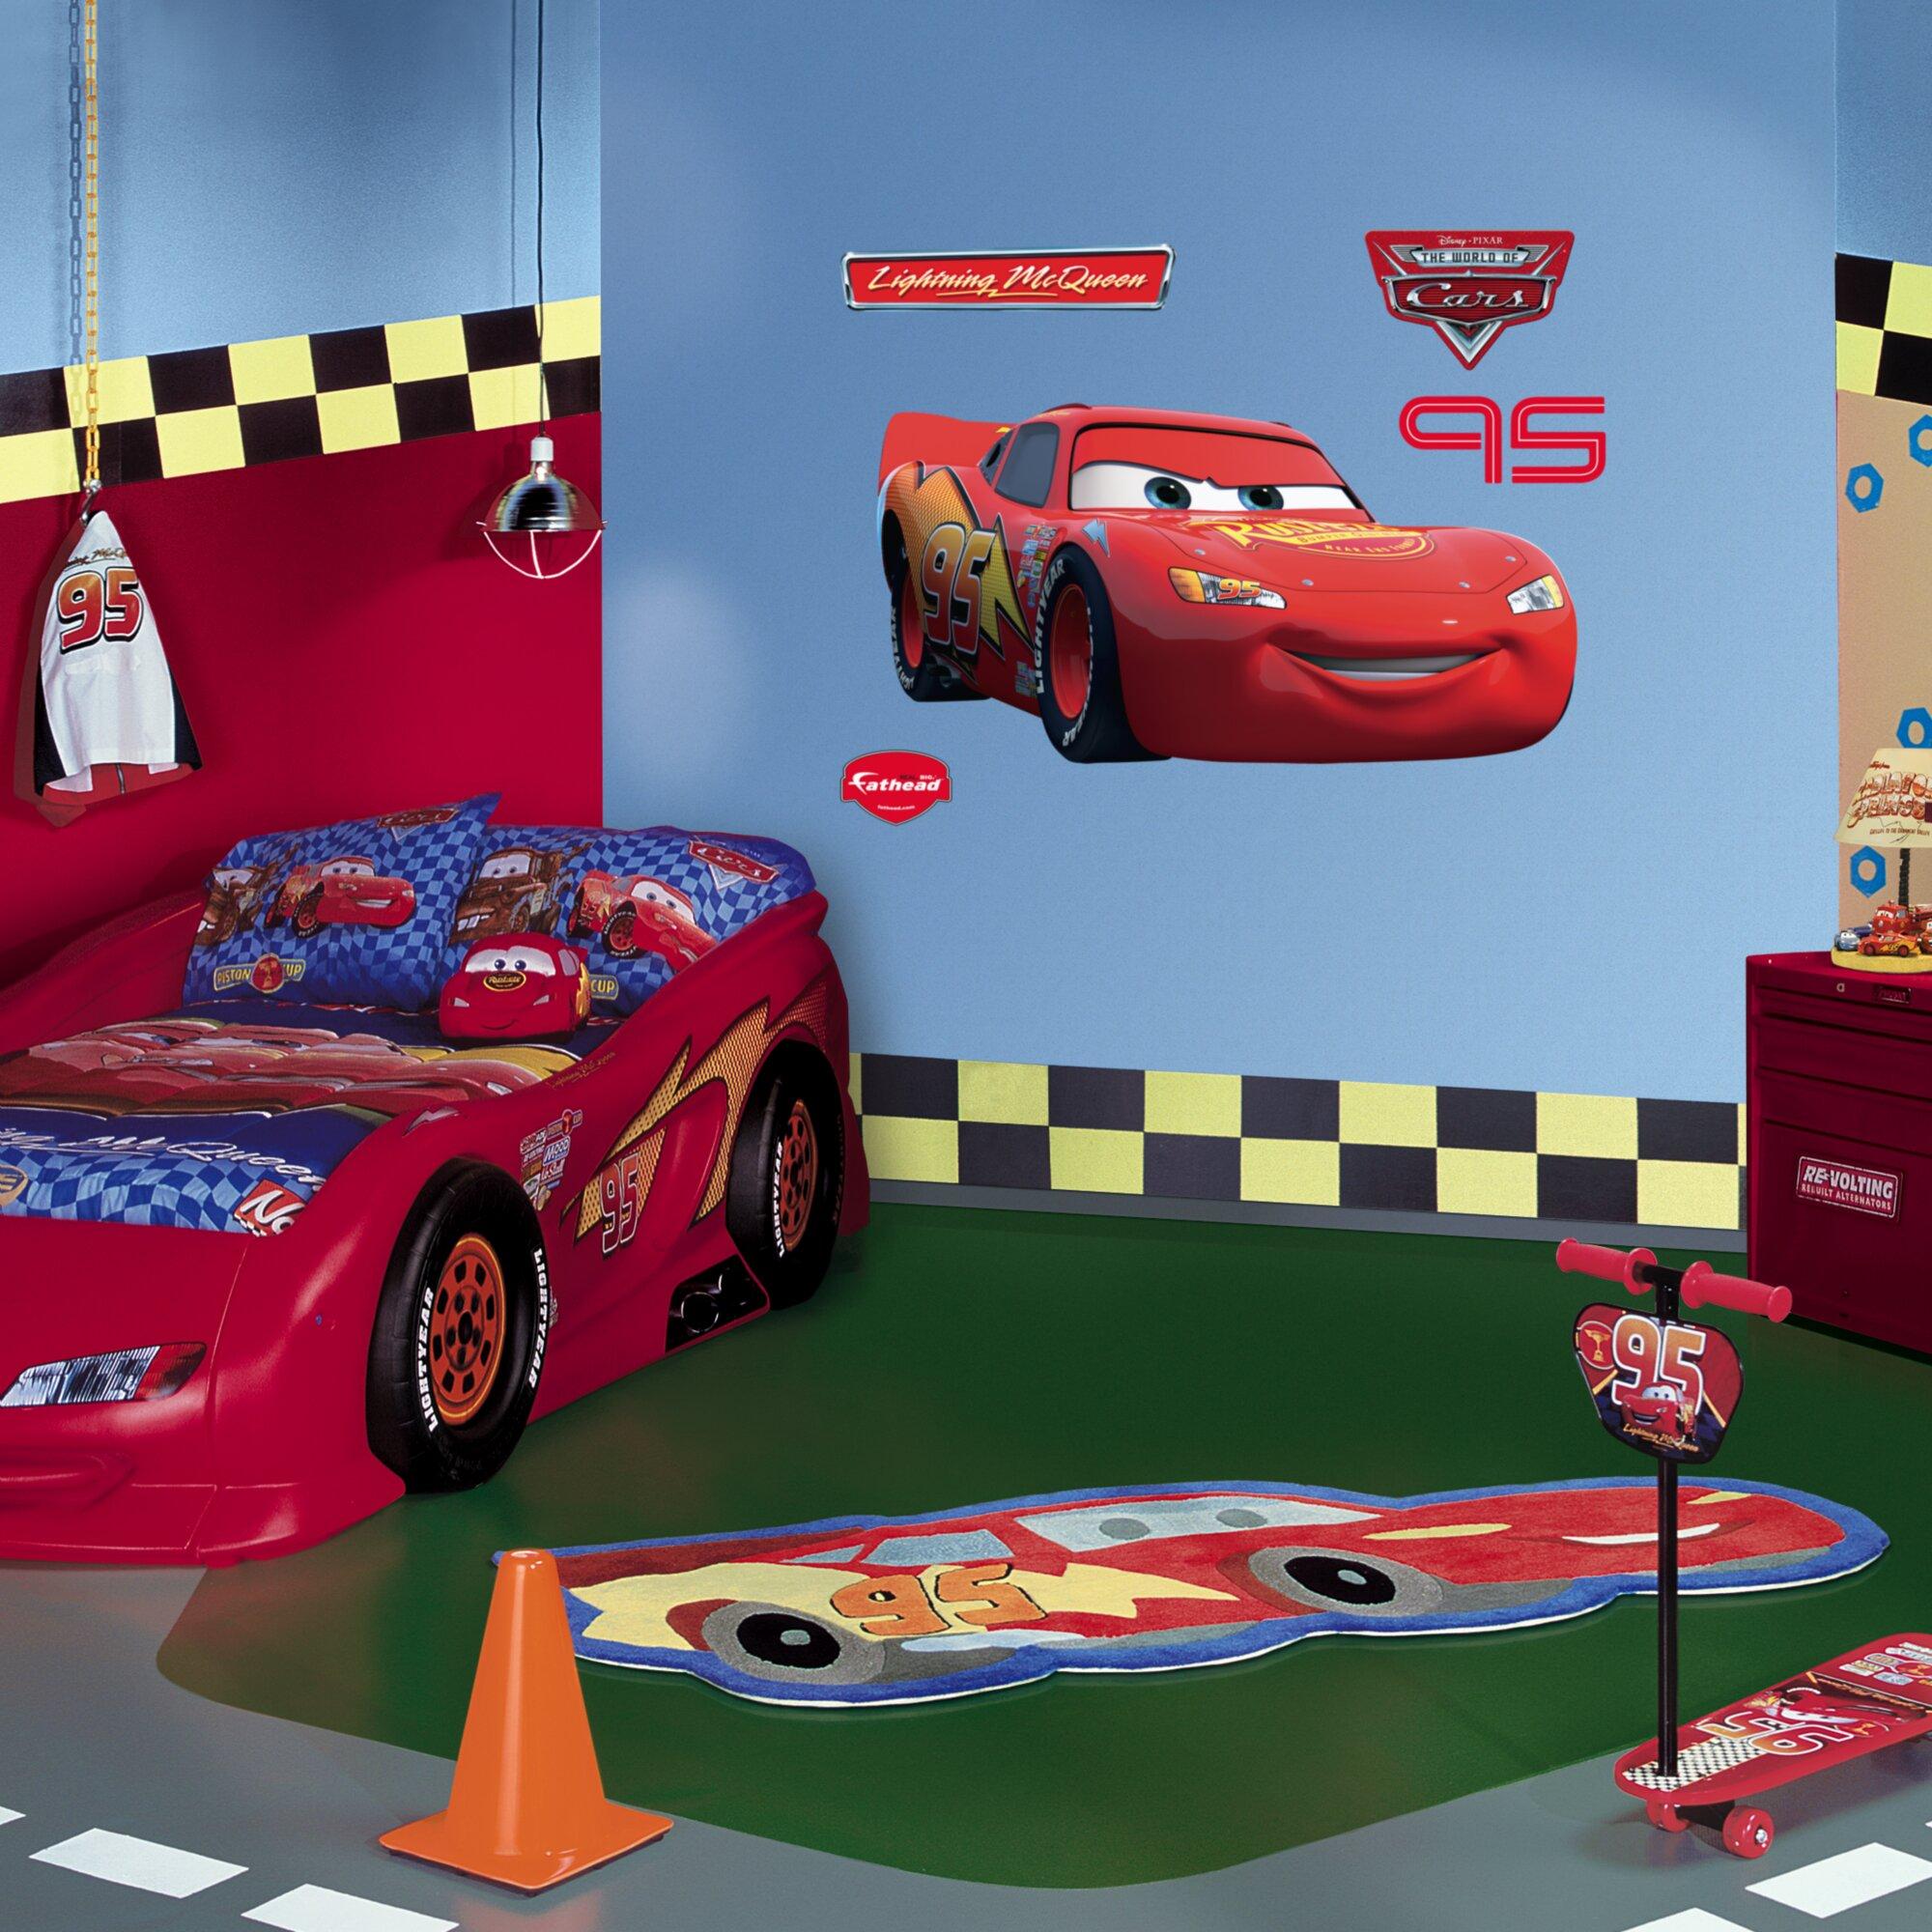 Fathead Disney Lightning McQueen Wall Decal Fathead Disney Lightning  McQueen Wall Decal Reviews Wayfair. Lightning